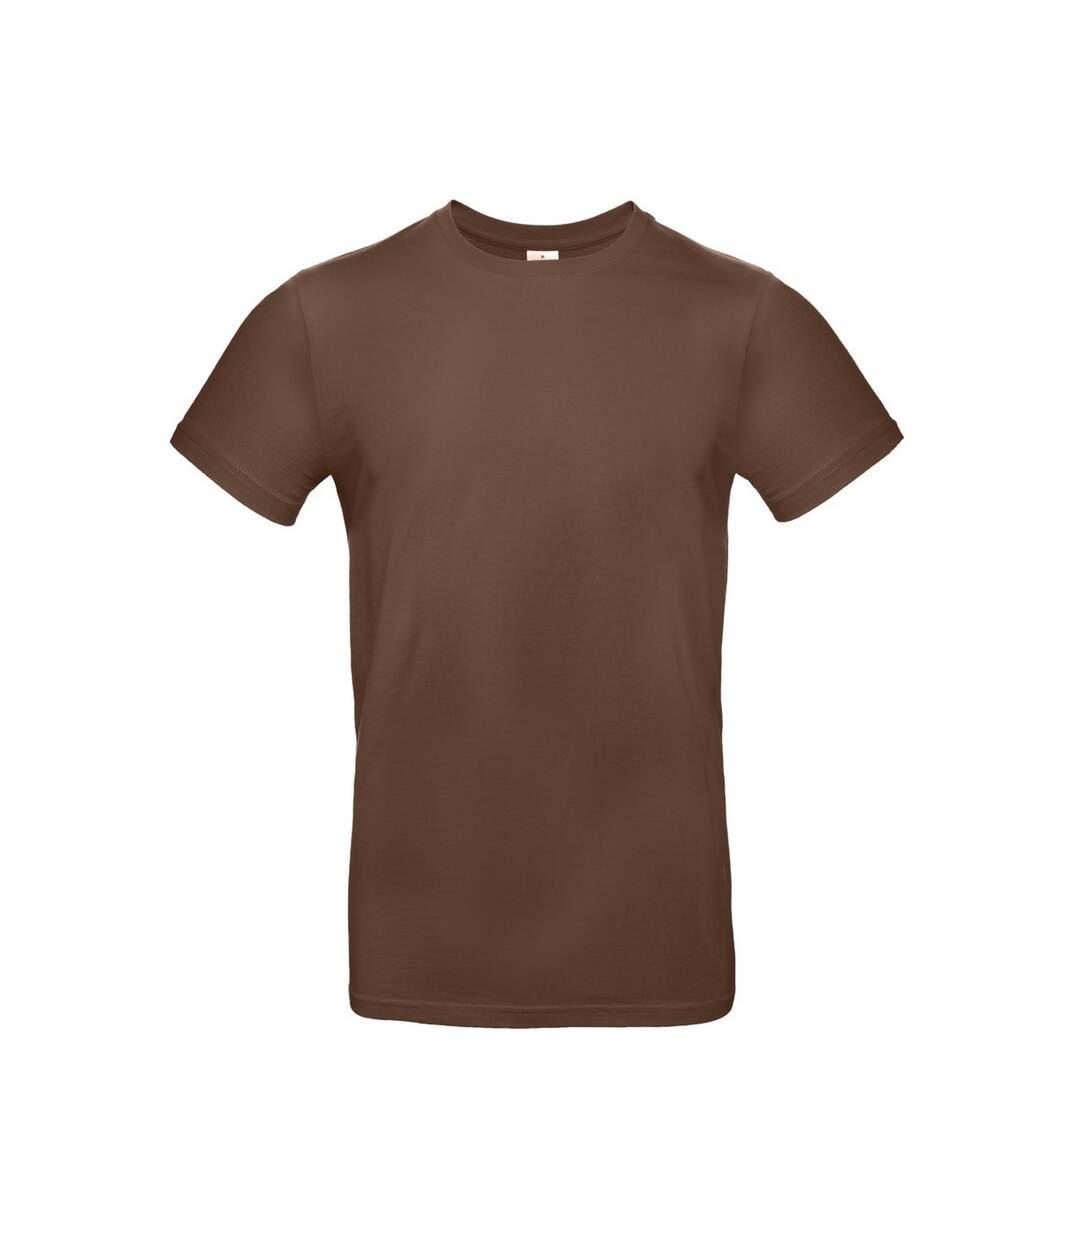 B&C Mens #E190 Tee (Dark Grey) - UTBC3911